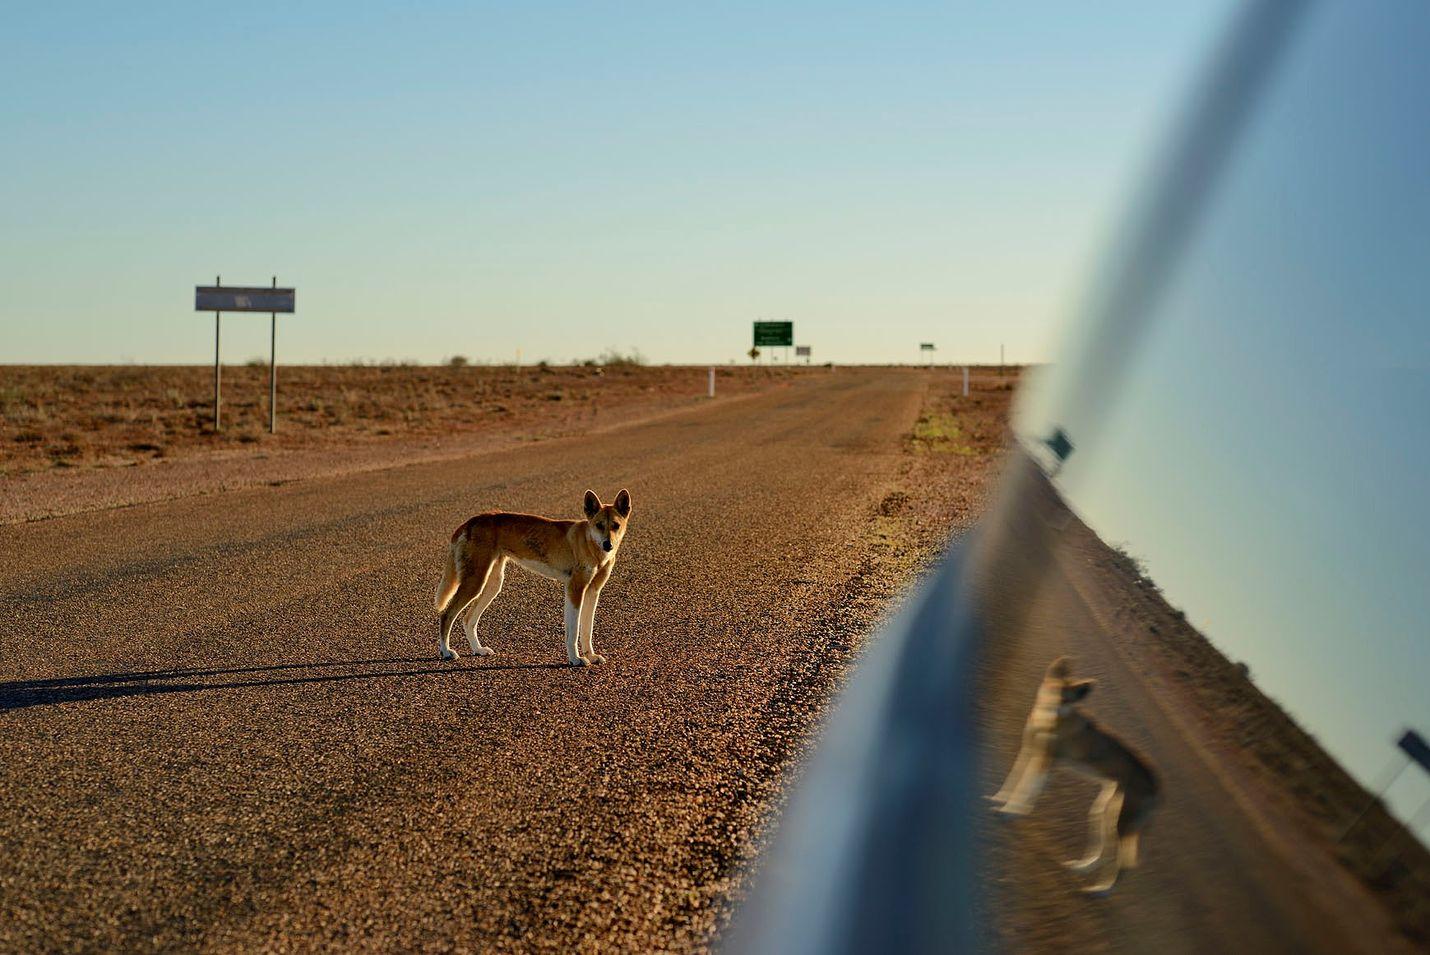 Dingot viihtyvät enimmäkseen omissa oloissaan, mutta tämän vuoden aikana Australiassa on ollut jo kolme dingojen hyökkäystä. Niissä kahdessa on ollut osallisena lapsi.